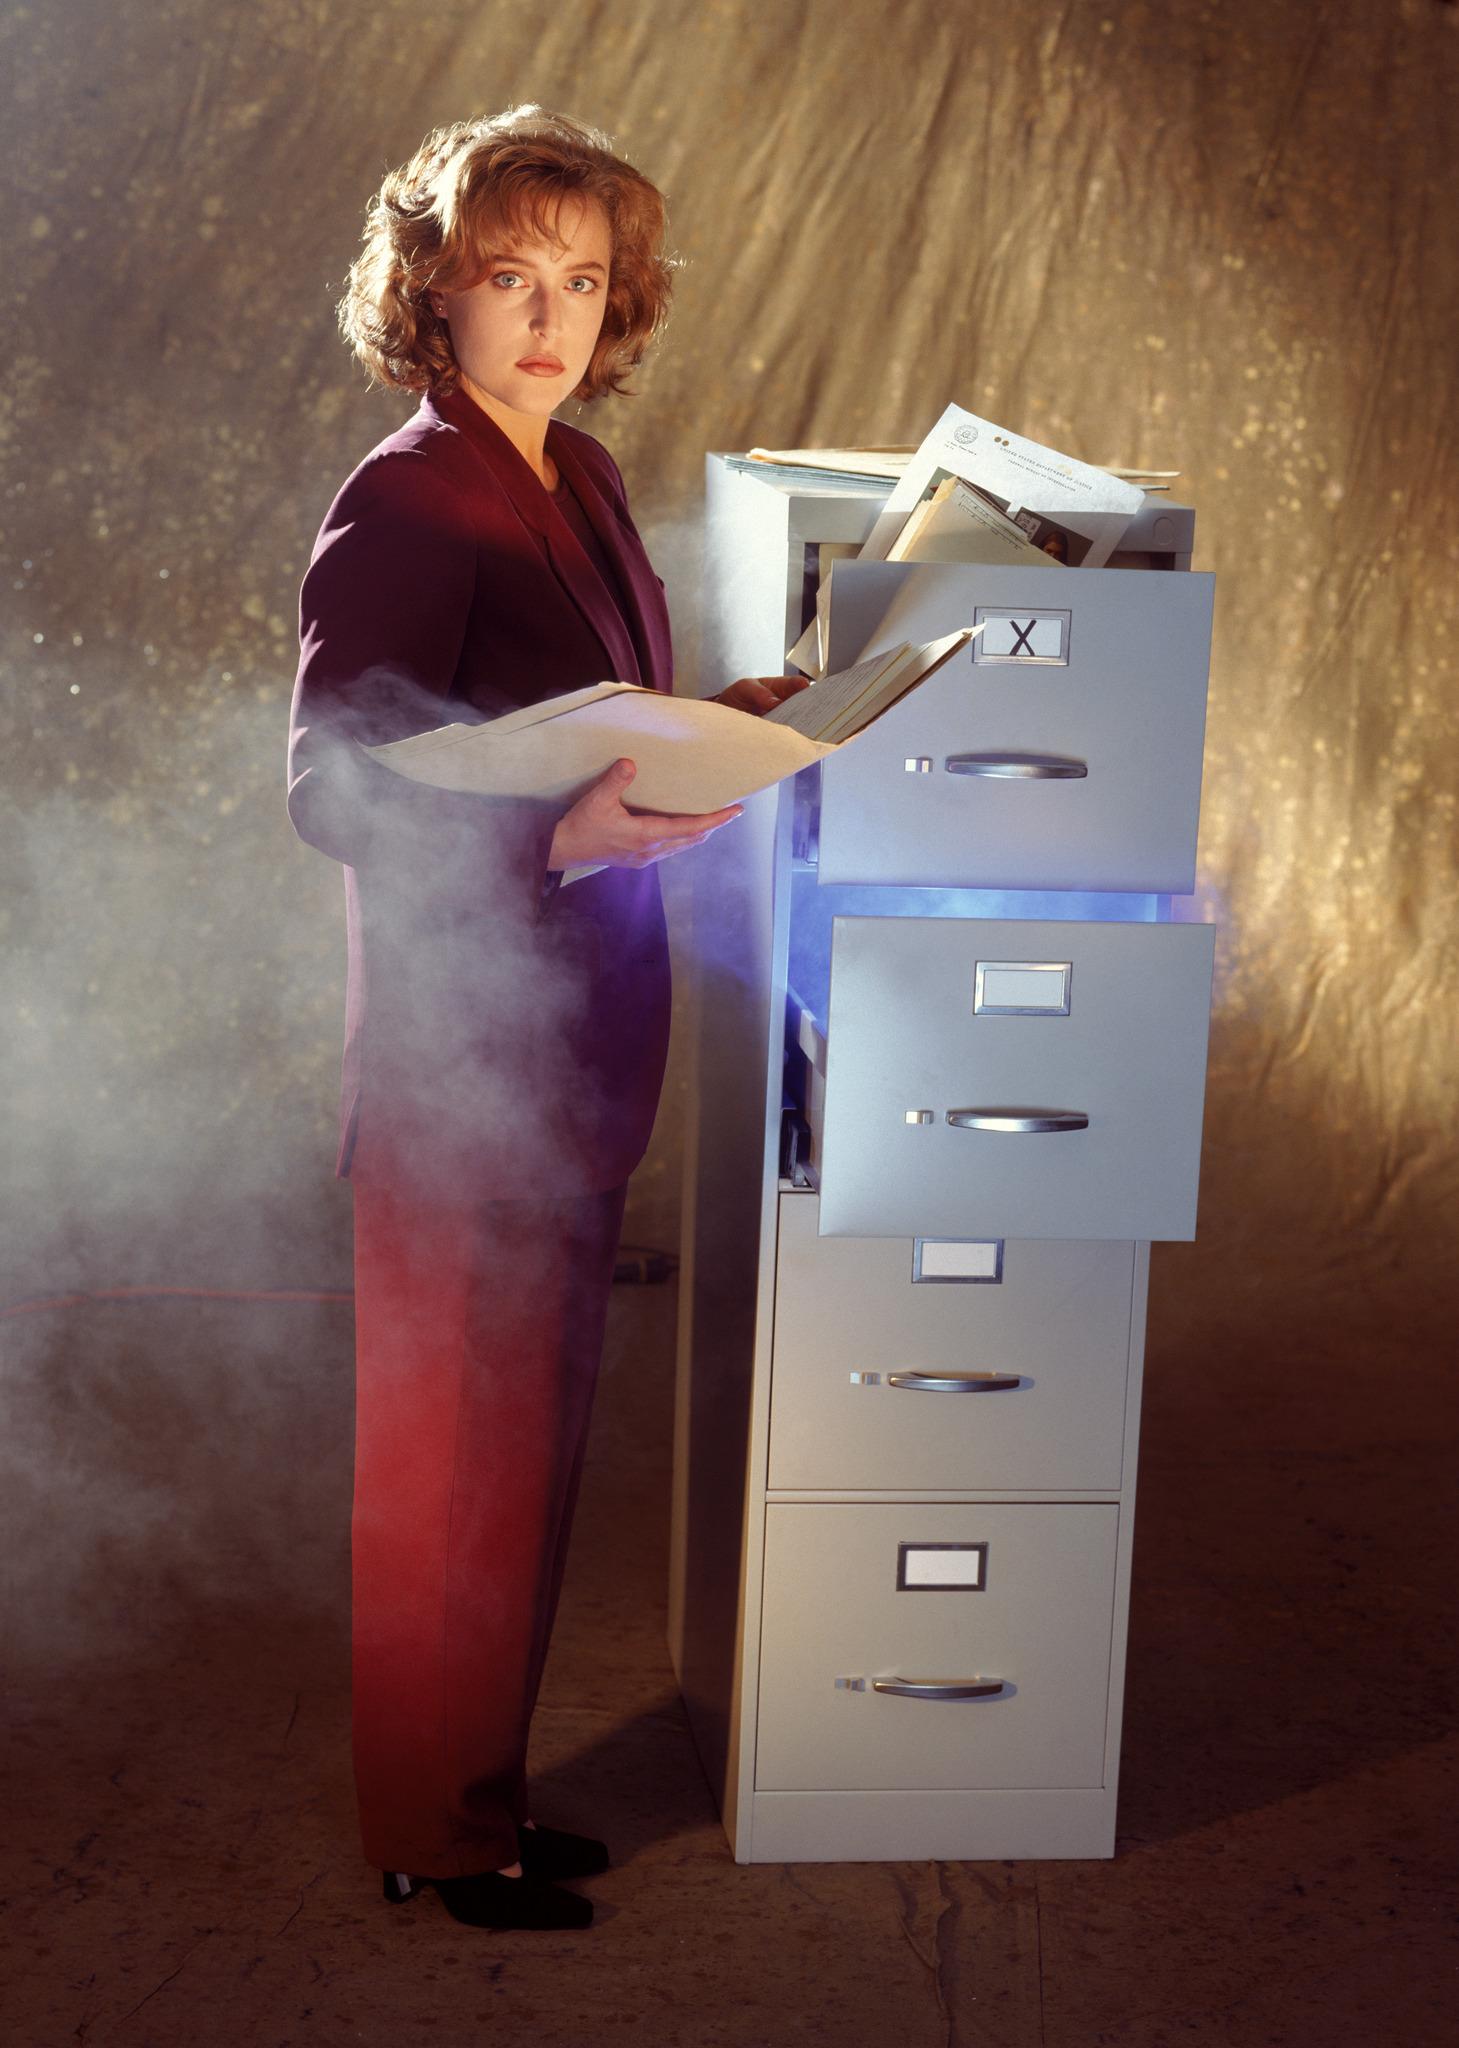 Retrieve an overwritten file